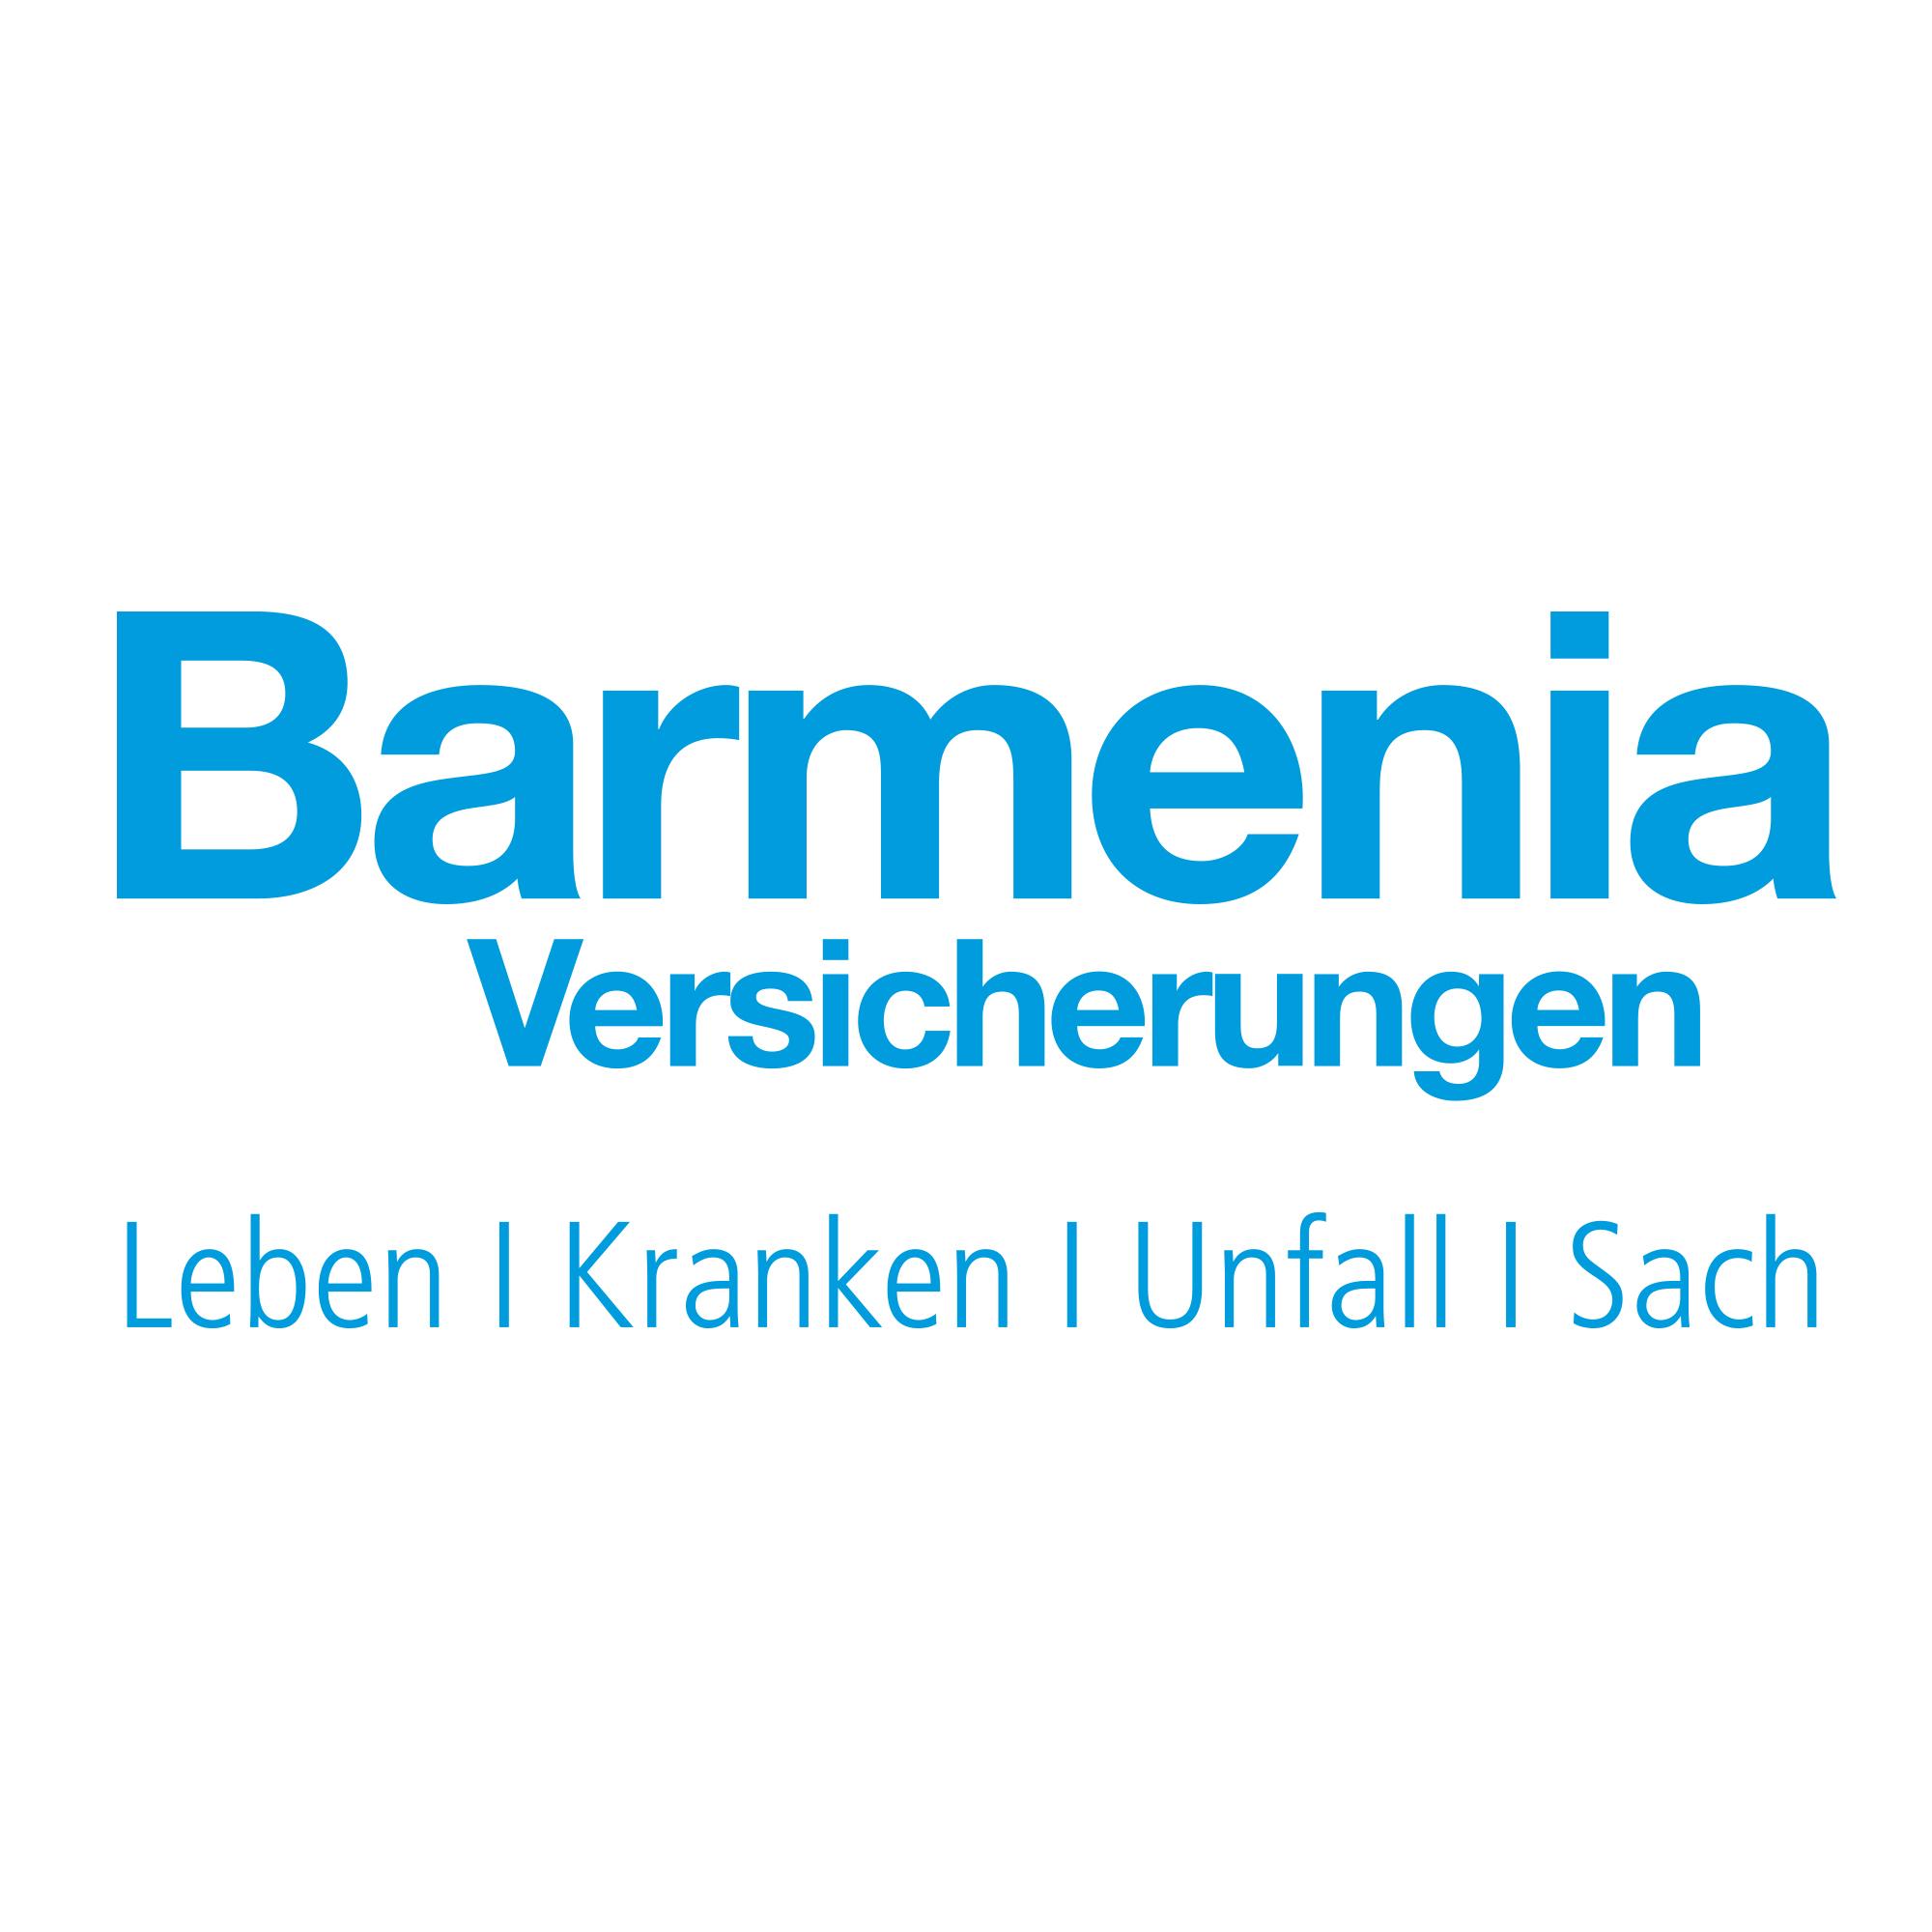 Barmenia Versicherungen - Horst-Werner Tuesselmann